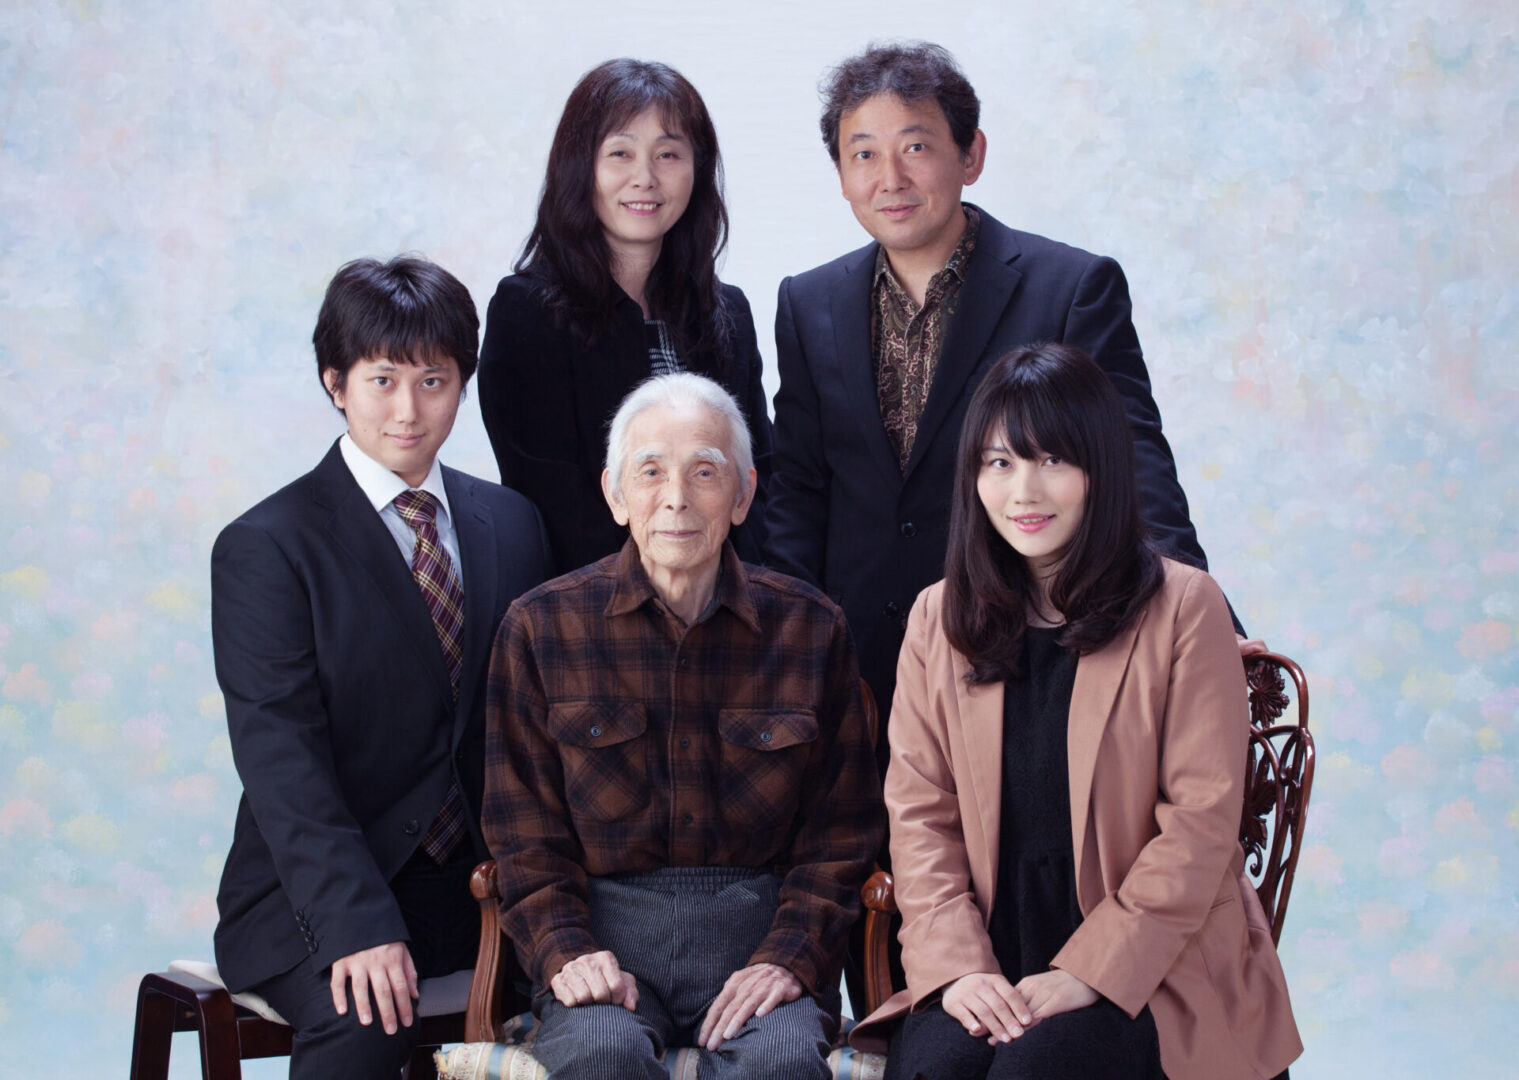 みなみフォトデザイン家族18